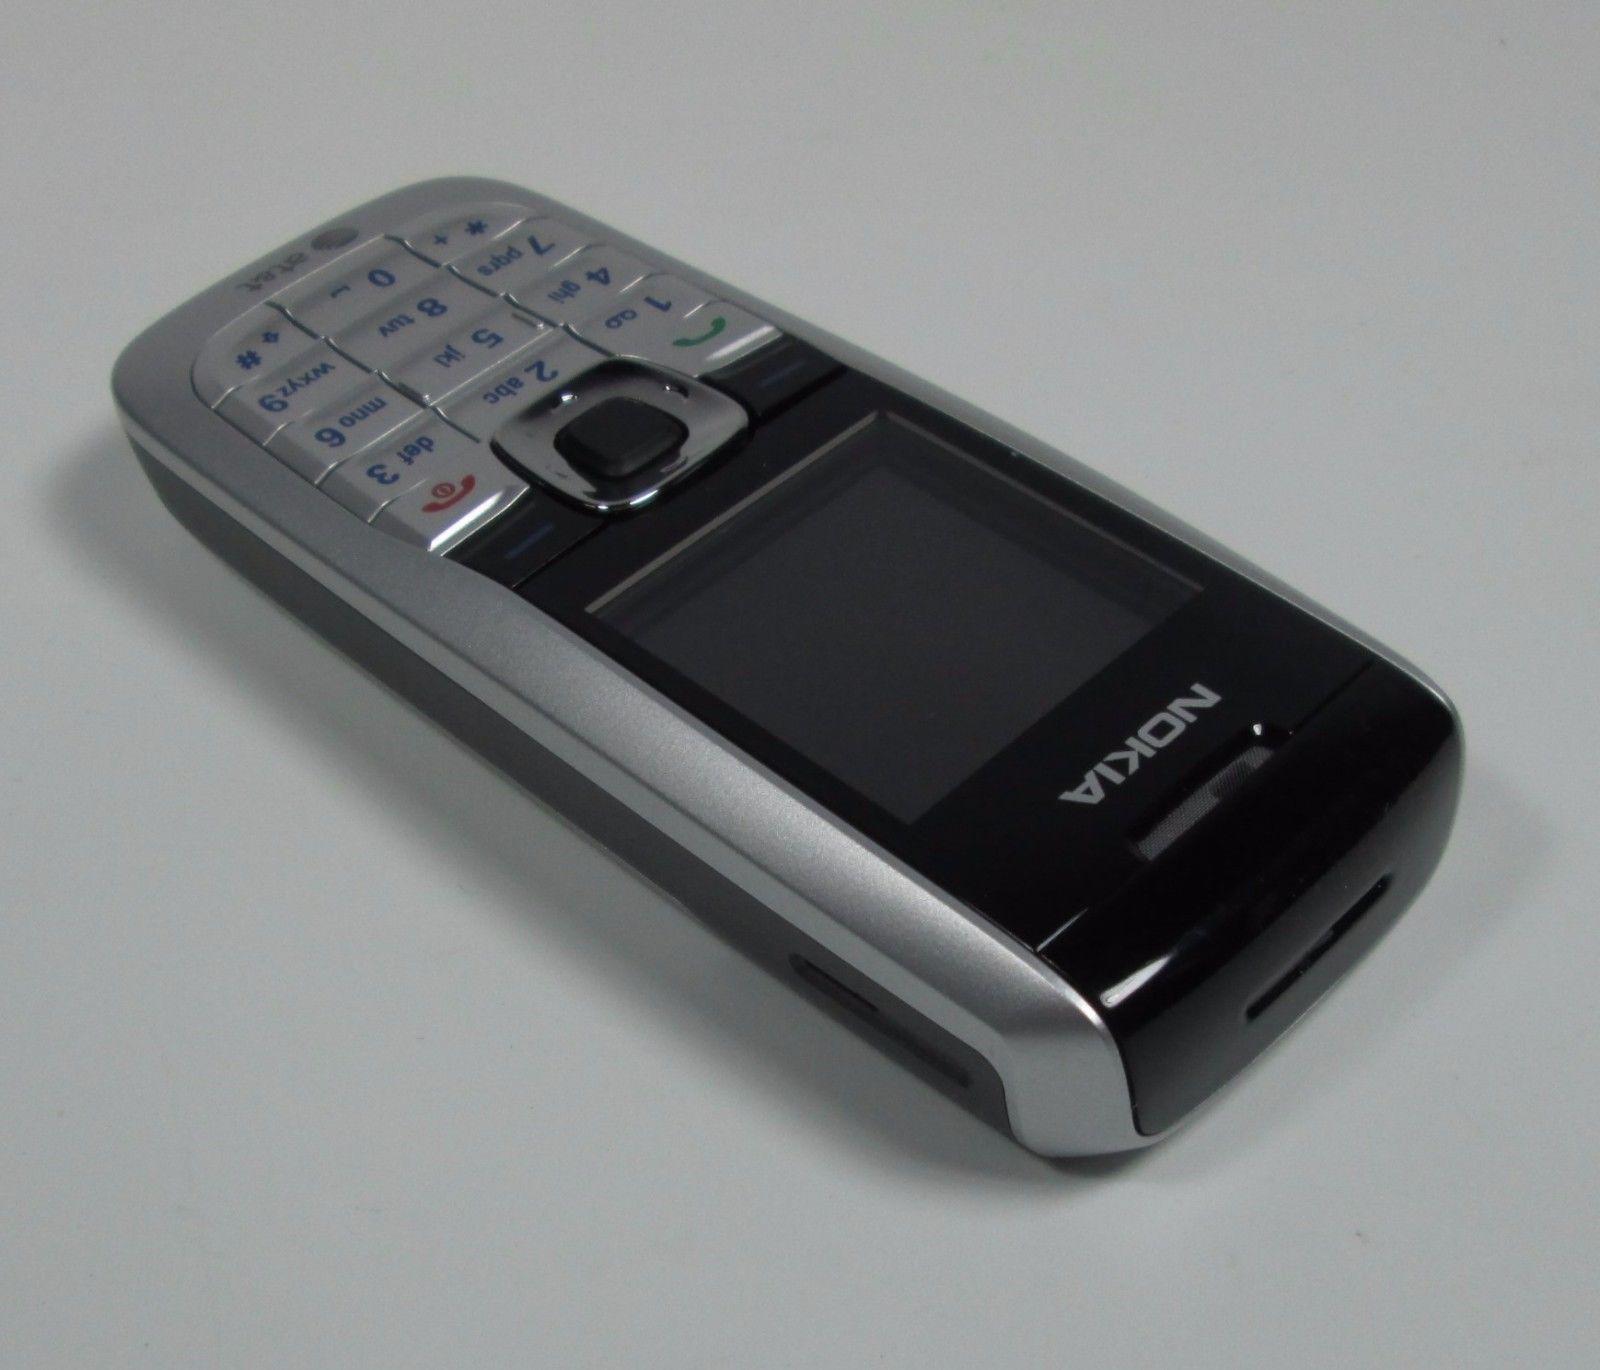 Camolinz Nokia 2610 White